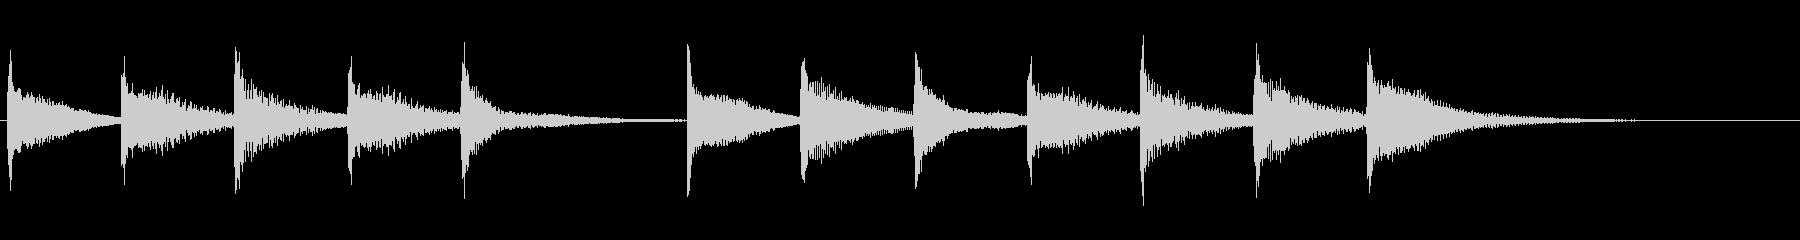 スマホのアラームの未再生の波形